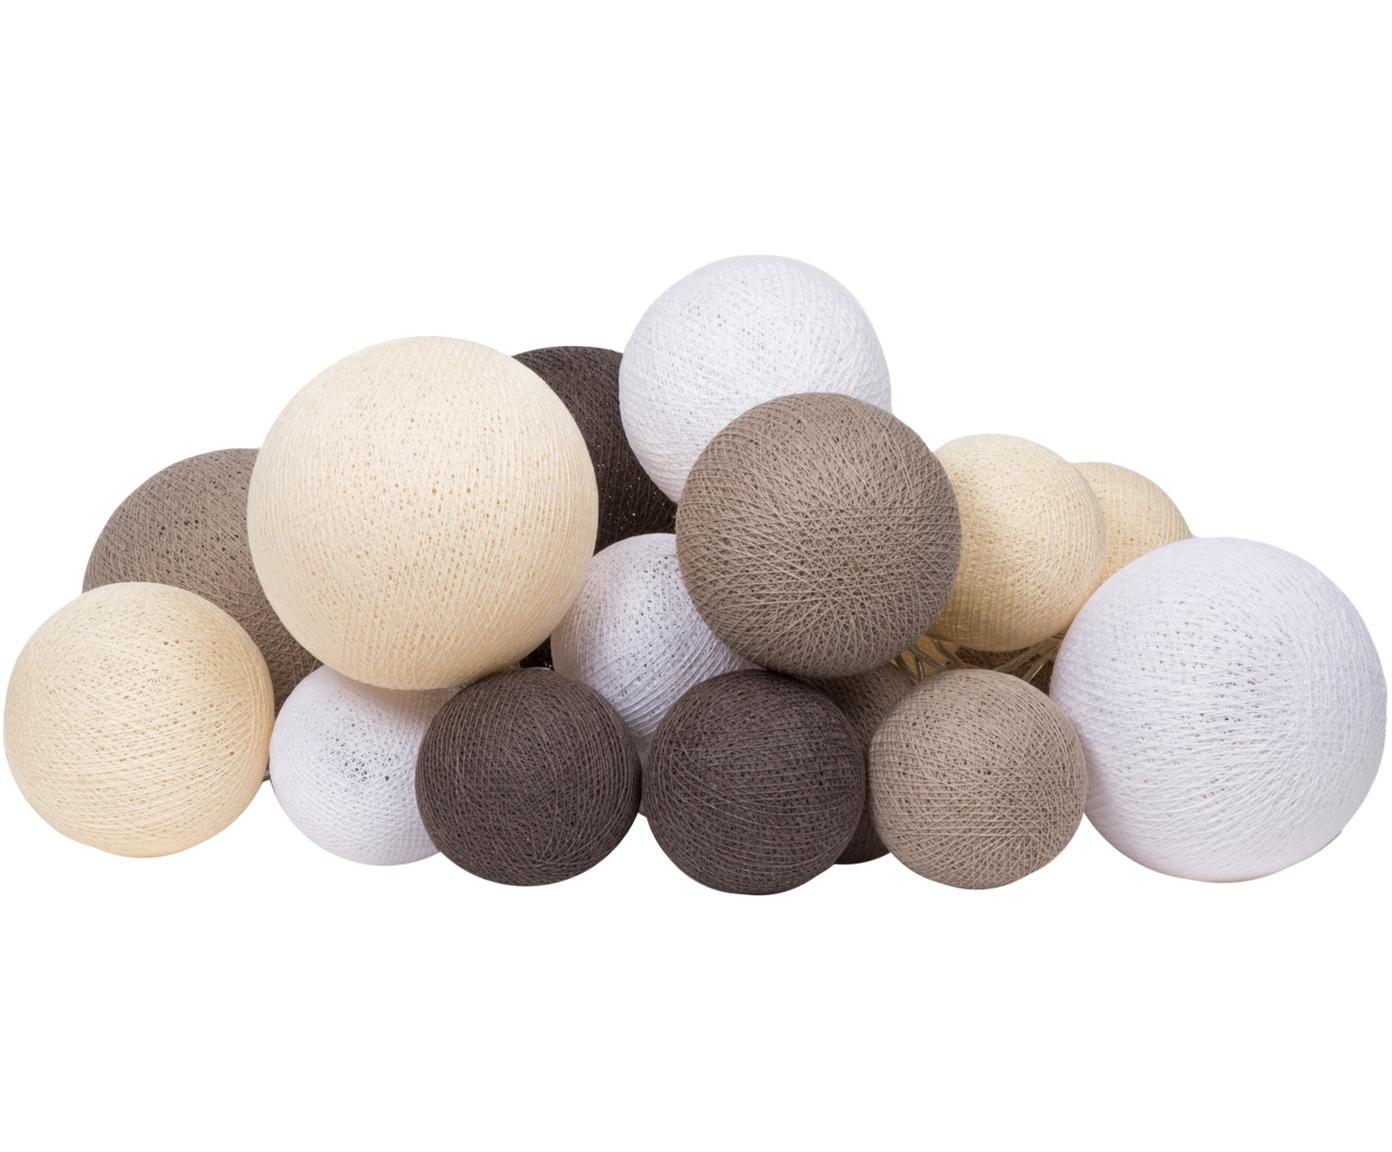 LED Lichterkette Moodi, Lampions: Polyester, Beige- und Brauntöne, Weiß, L 264 cm